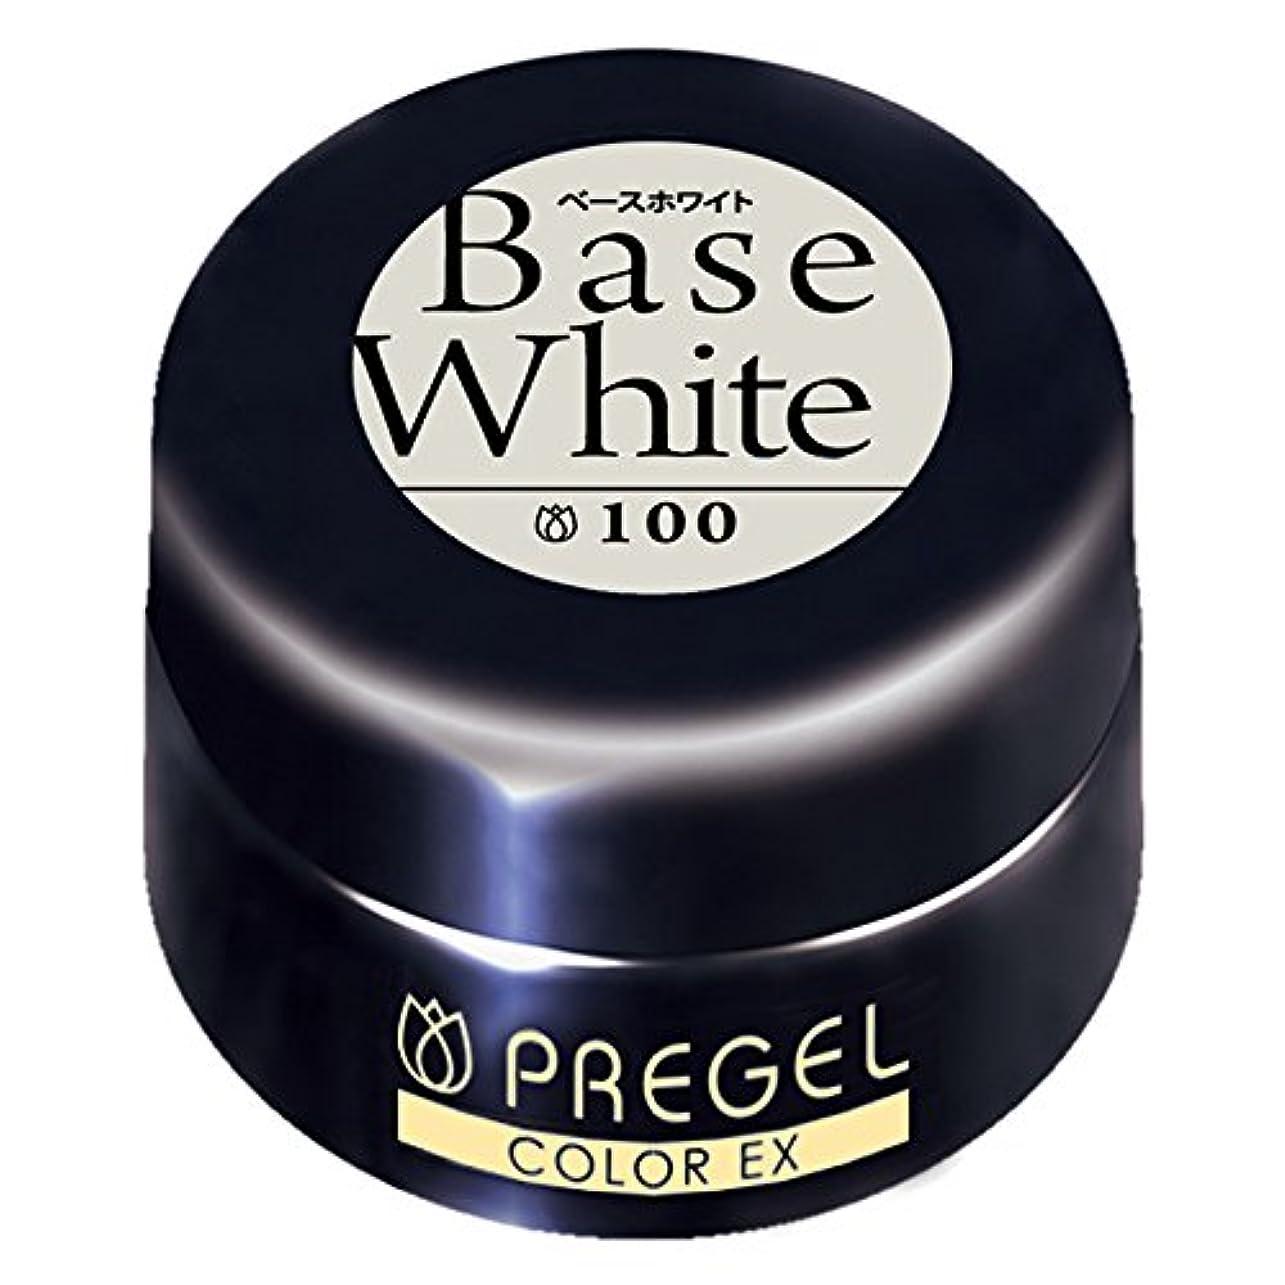 汚すその後するプリジェル ジェルネイル プリジェル ジェルネイル カラーEX ベースホワイト100 4g カラージェル UV/LED対応